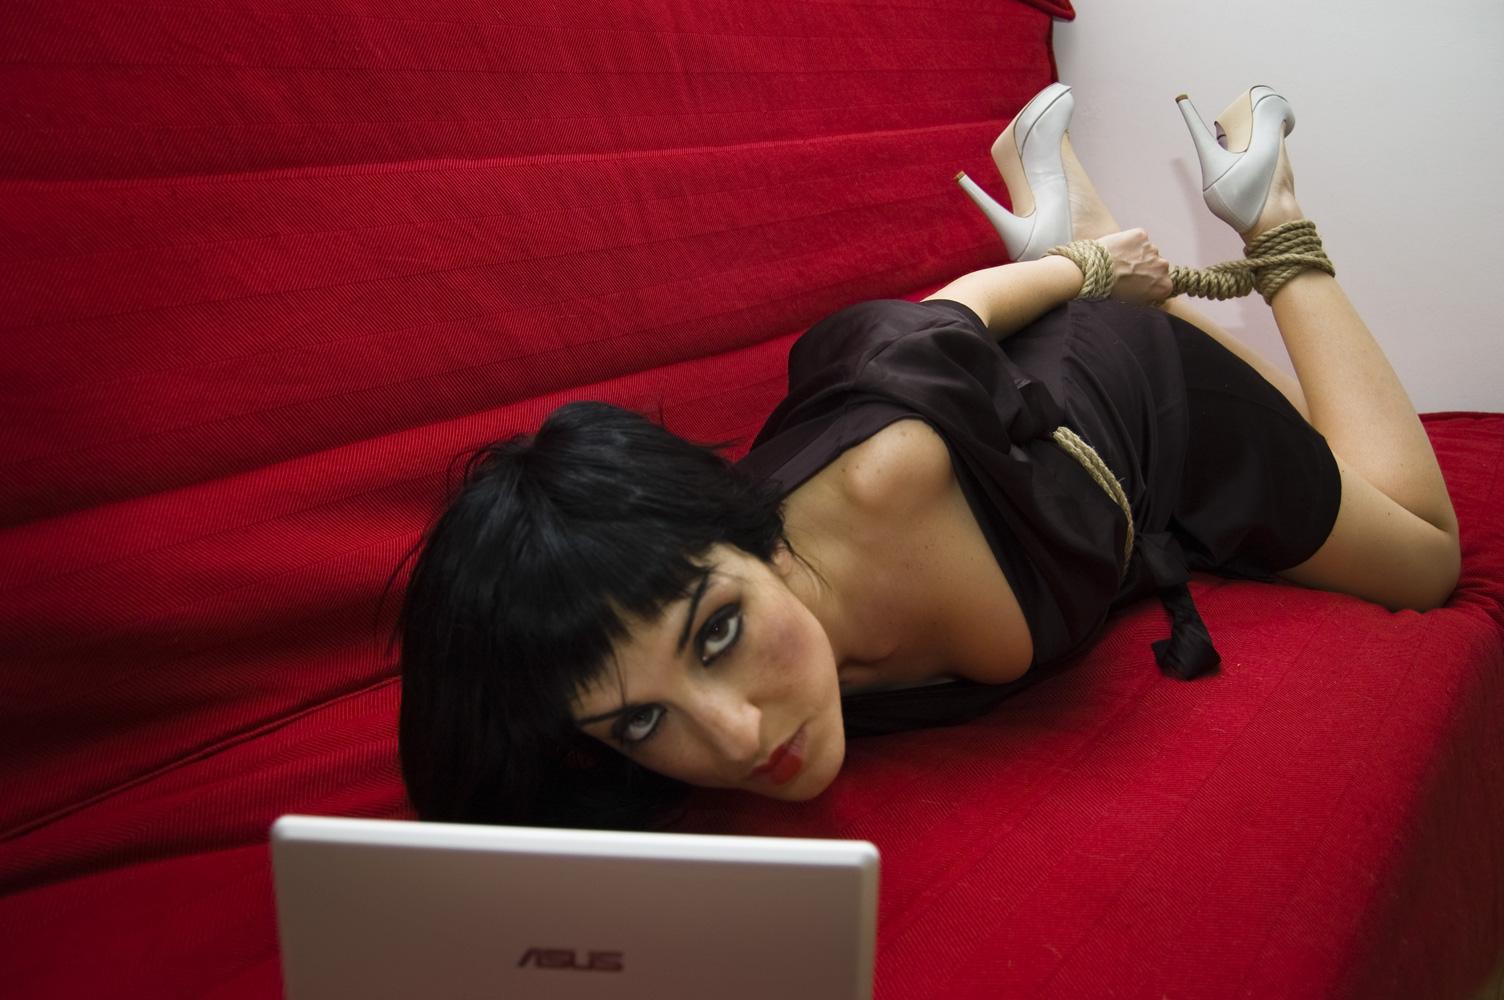 Связывание и бондаж русское, Русский бондаж - видео Yo-Sex 23 фотография